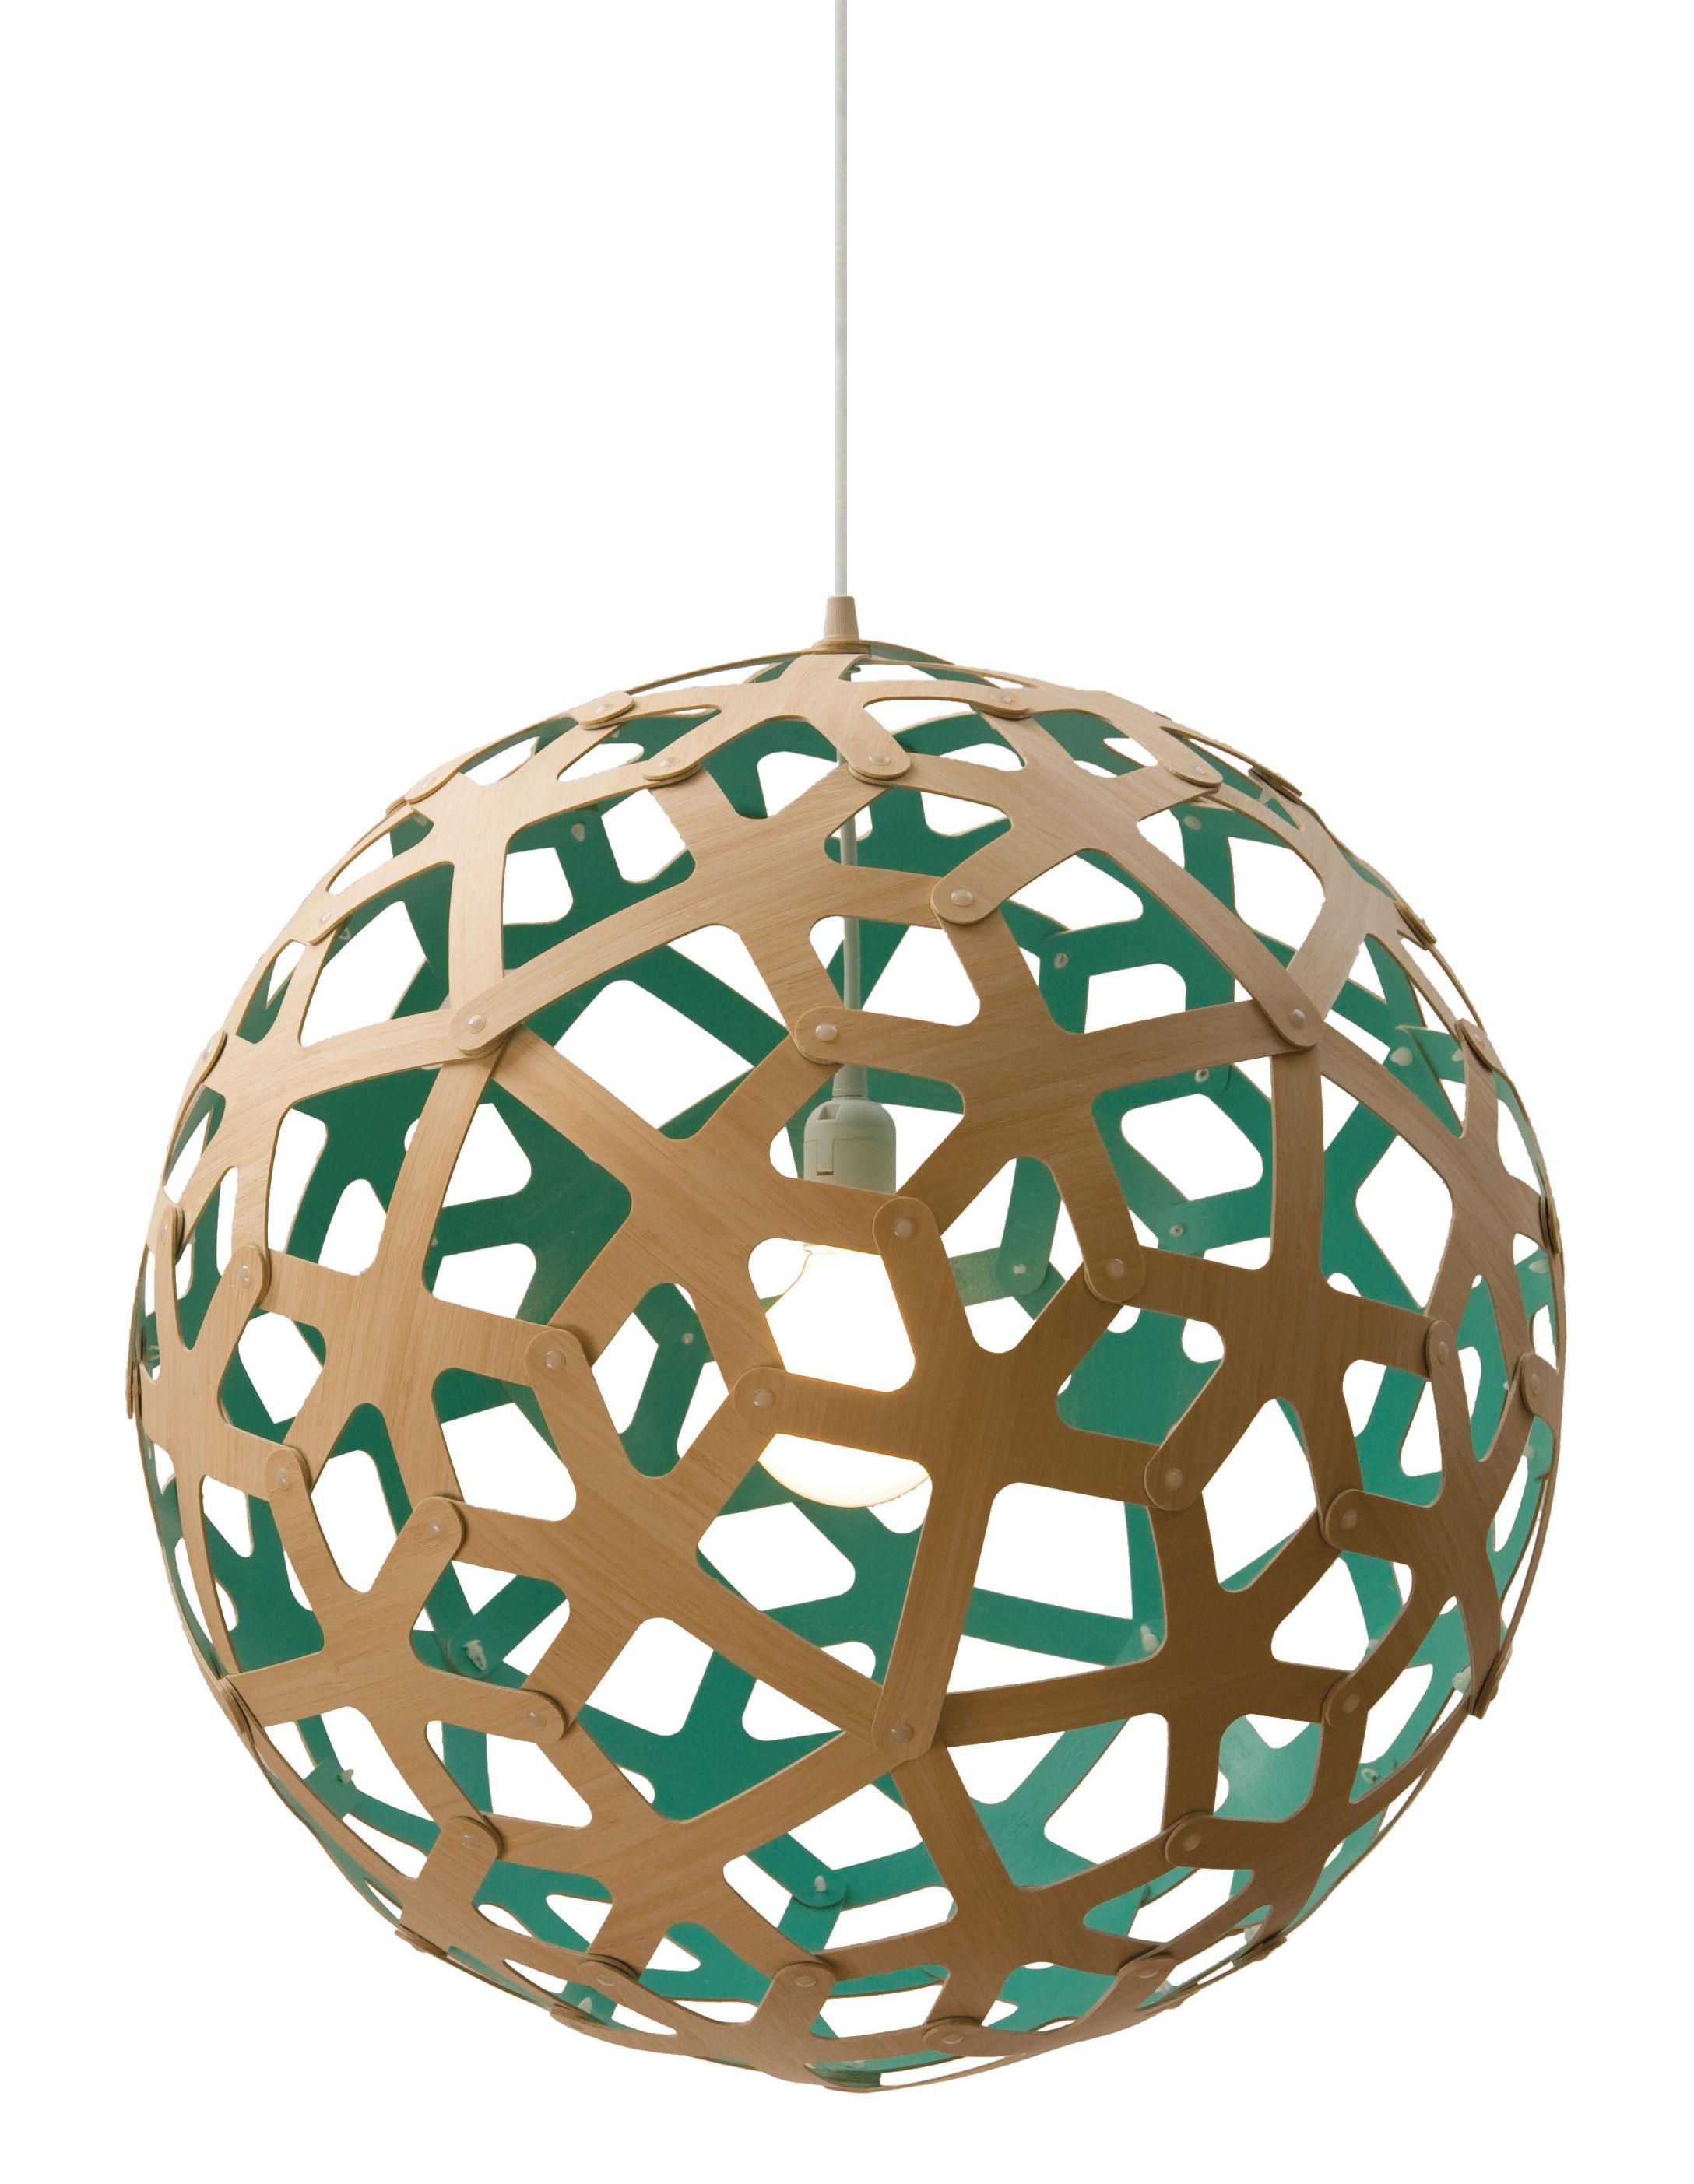 Luminaire - Suspensions - Suspension Coral / Ø 40 cm - Bicolore vert d'eau & bois - David Trubridge - Vert d'eau / bois naturel - Pin